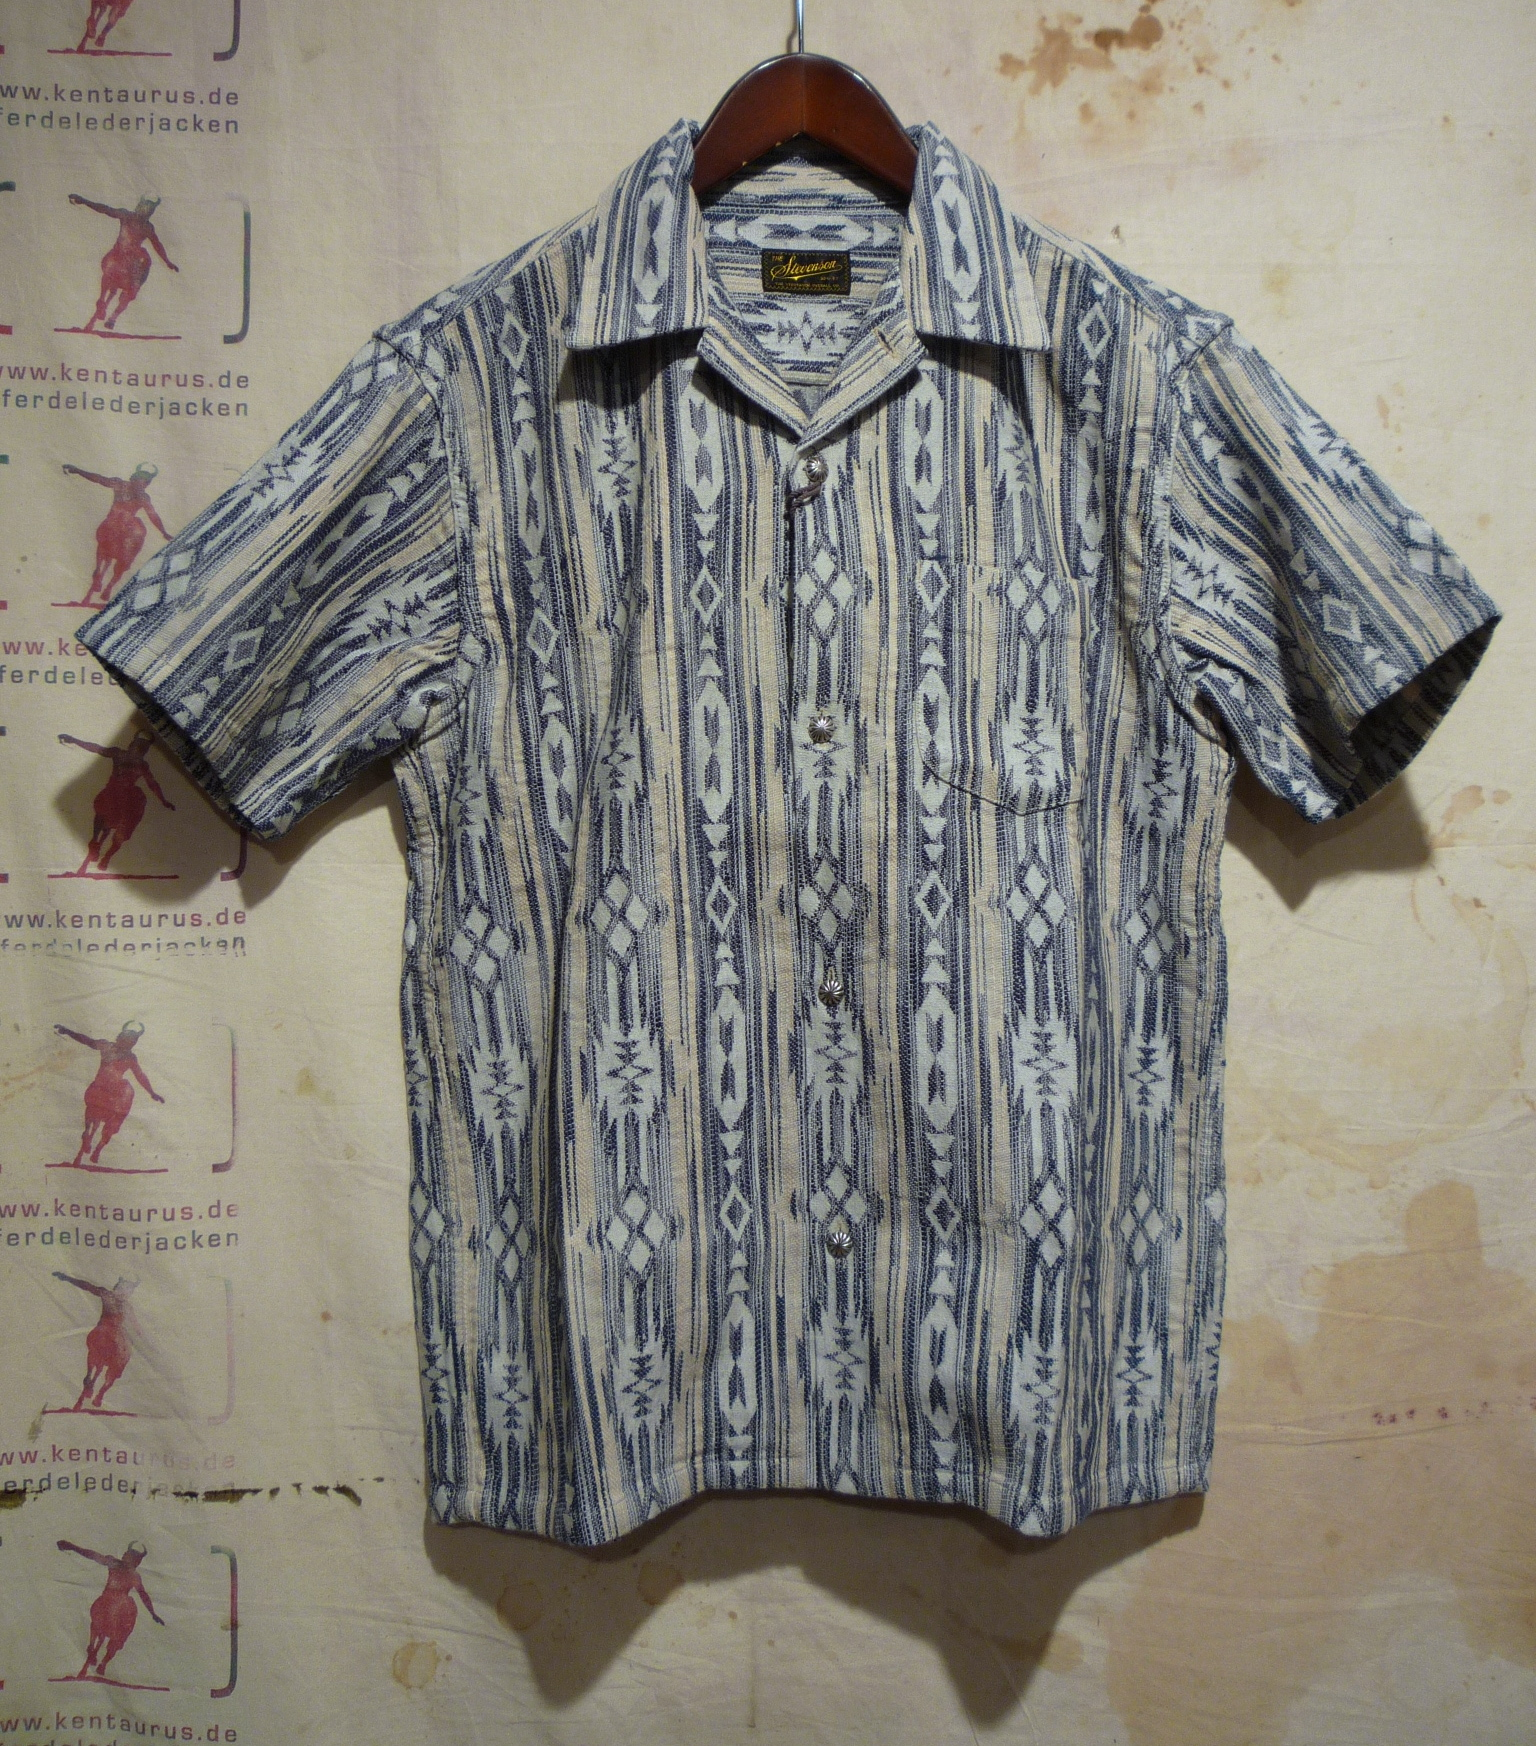 Stevenson Overall shirt